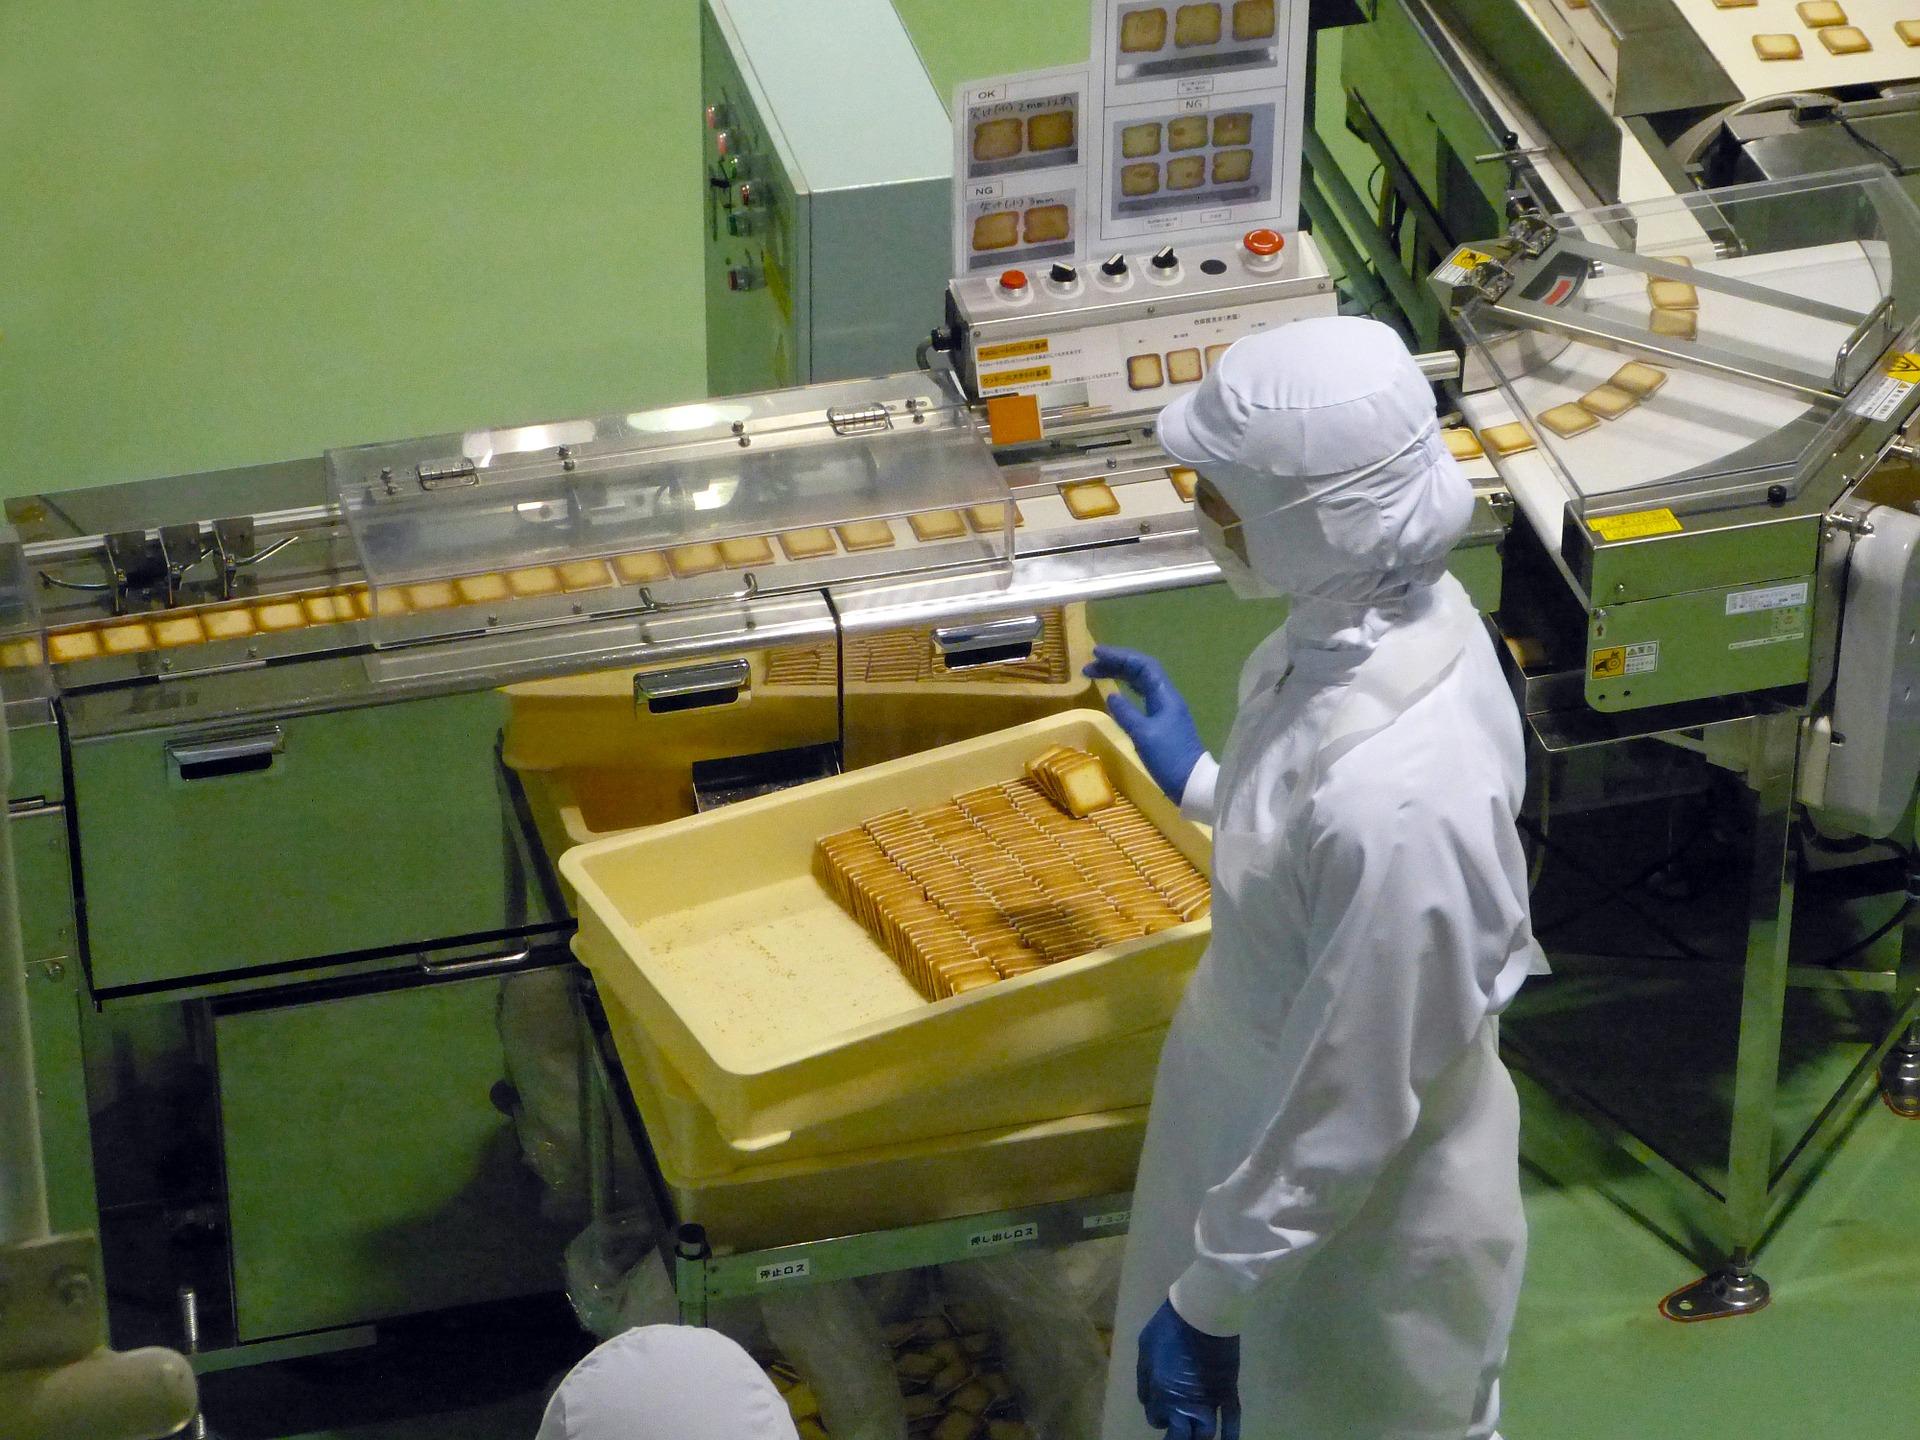 Maschinenbau in der Verpackungsindustrie